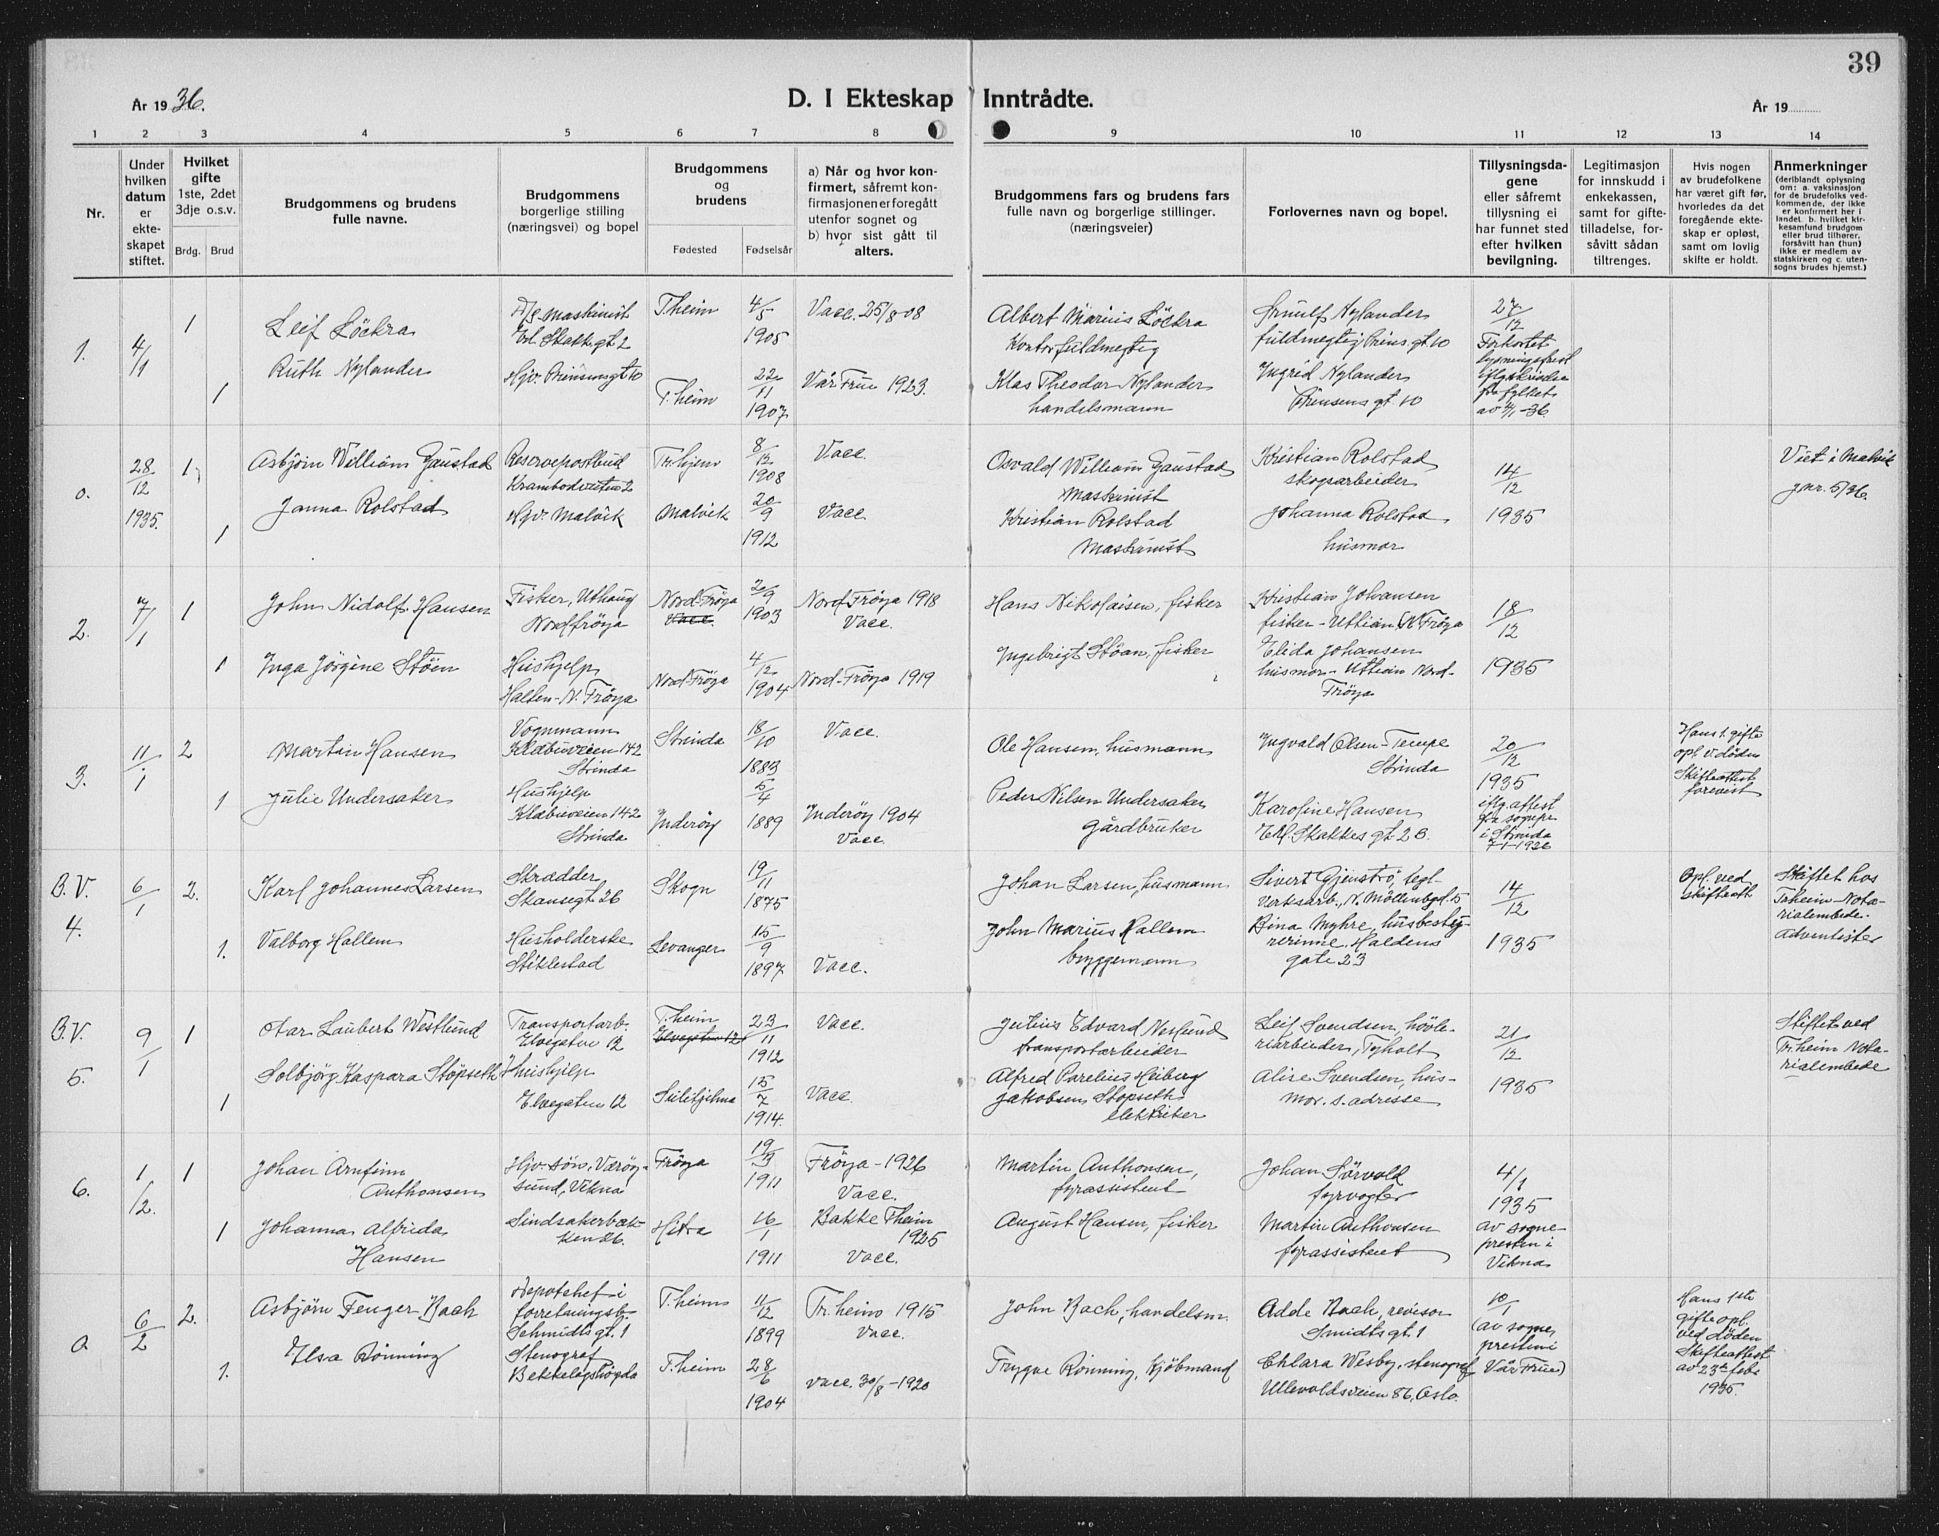 SAT, Ministerialprotokoller, klokkerbøker og fødselsregistre - Sør-Trøndelag, 602/L0152: Klokkerbok nr. 602C20, 1933-1940, s. 39